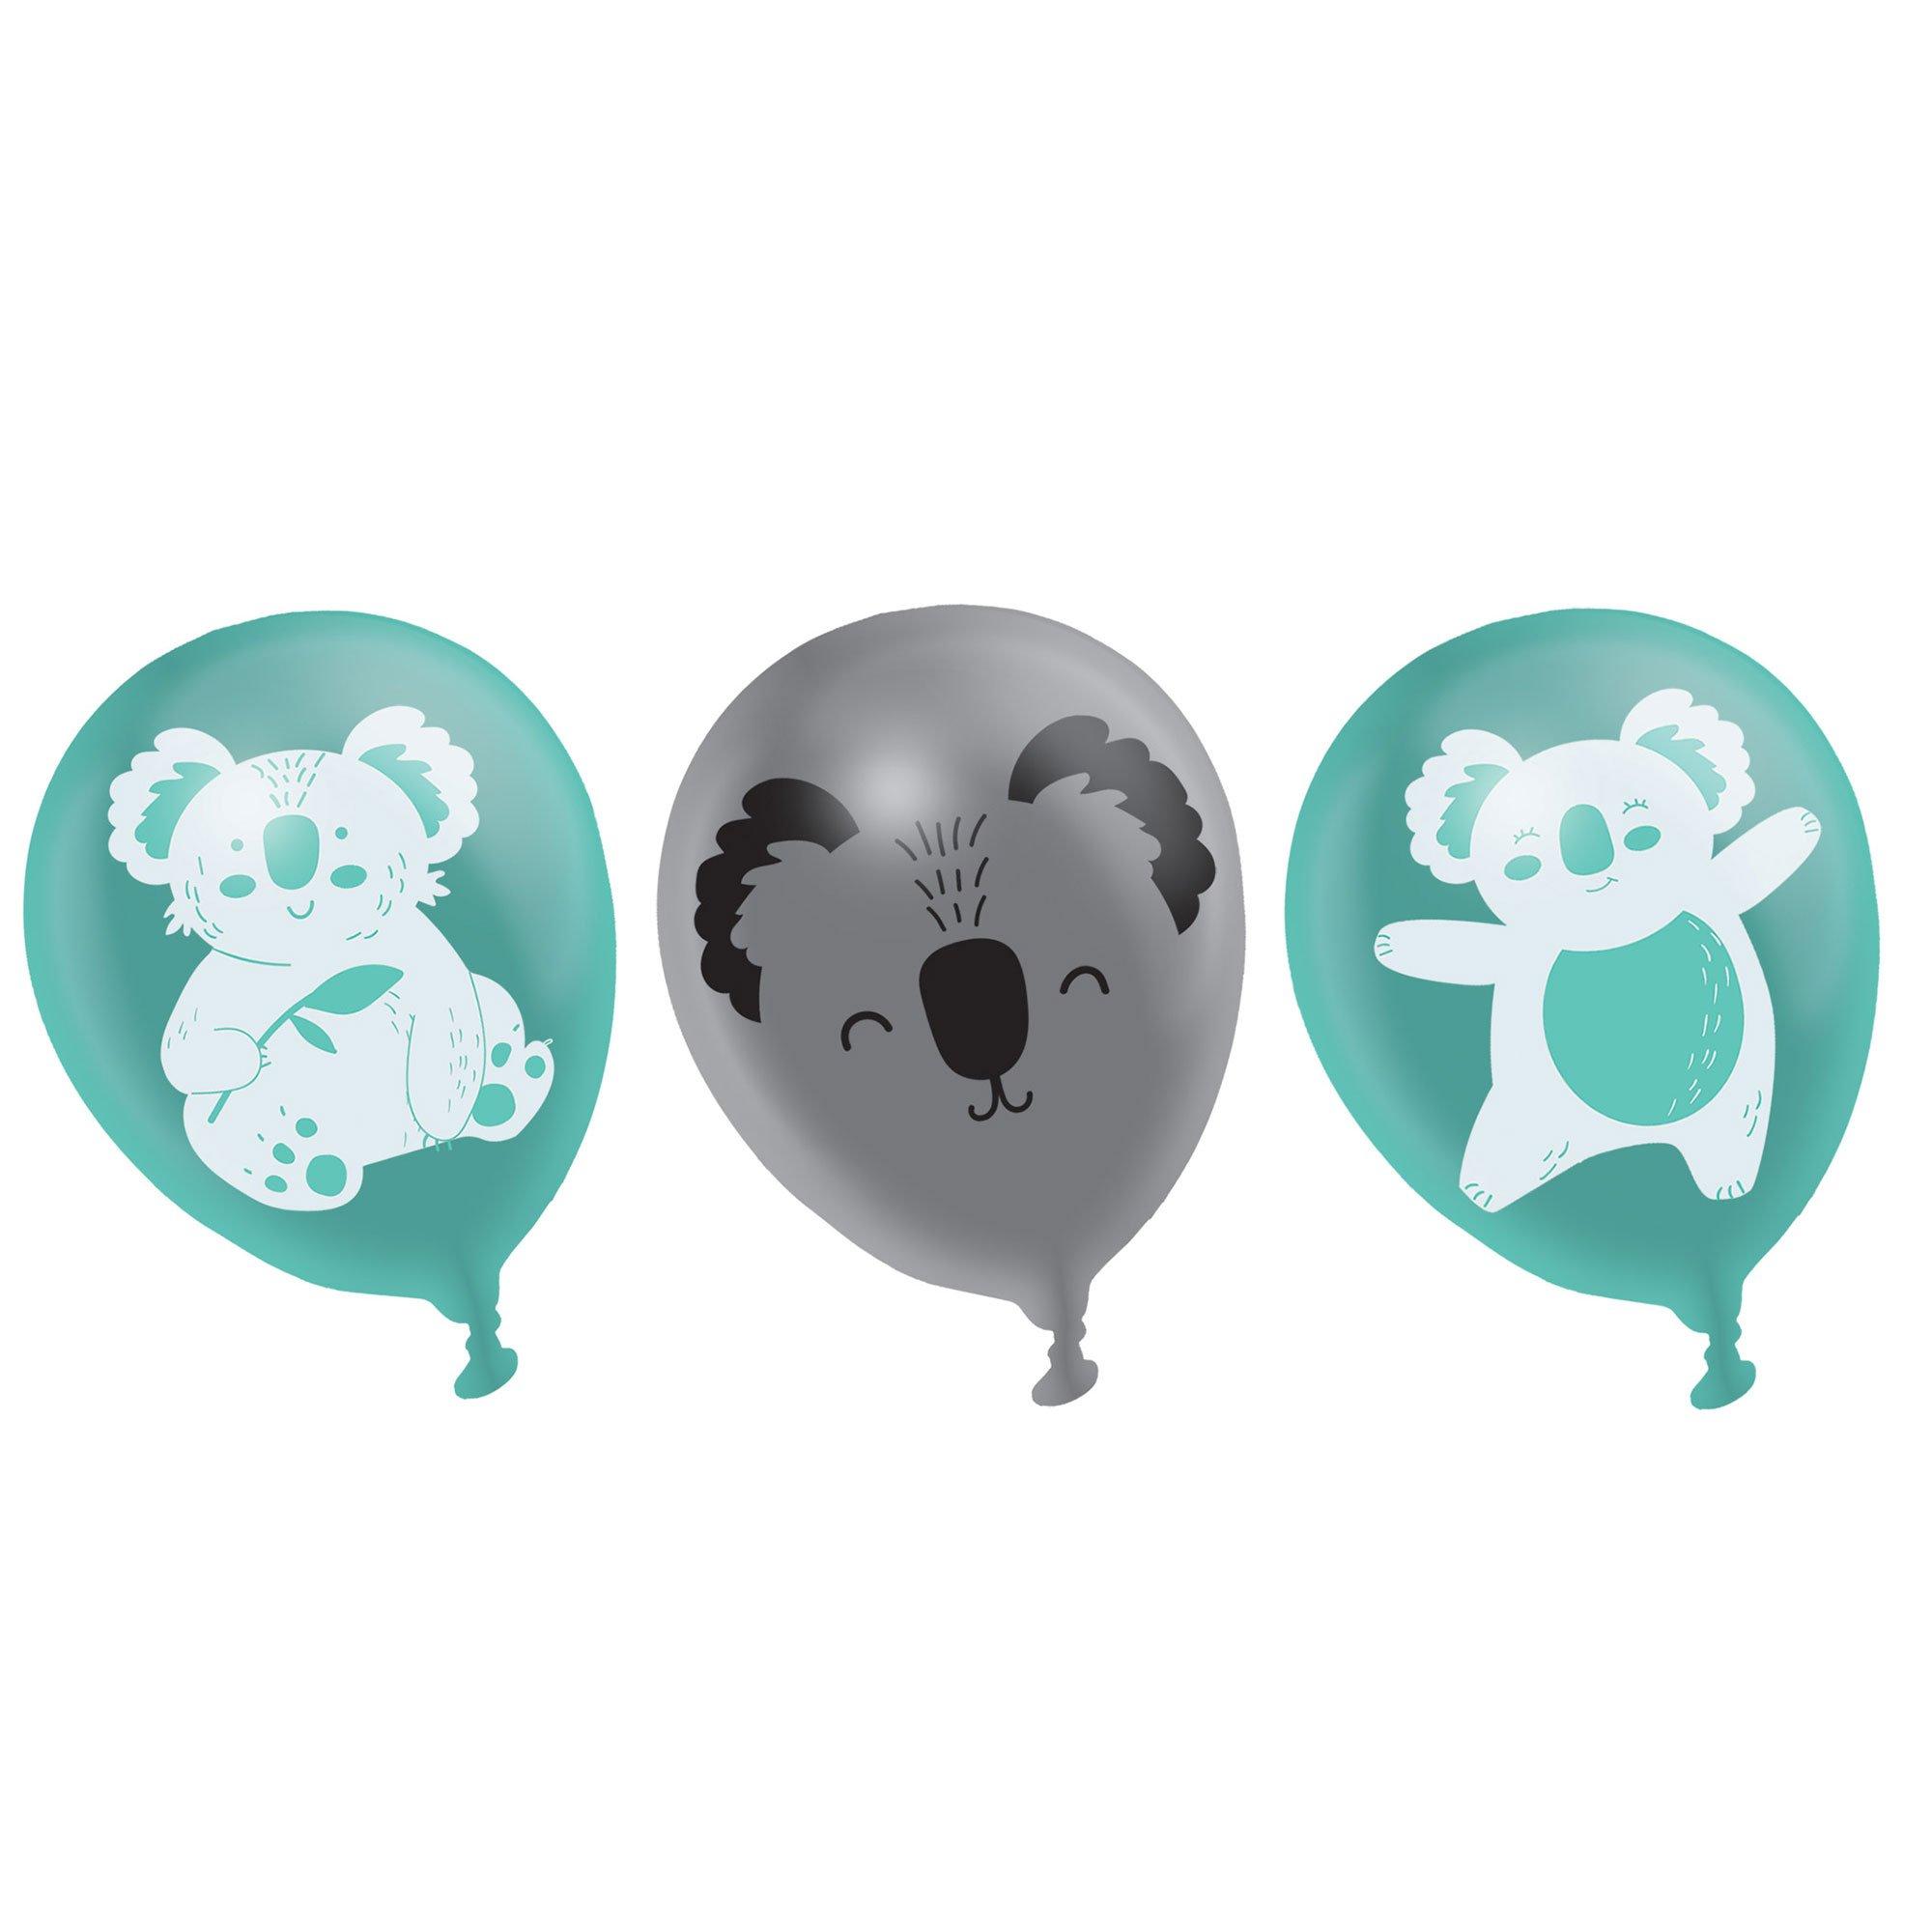 Koala 30cm Latex Balloons